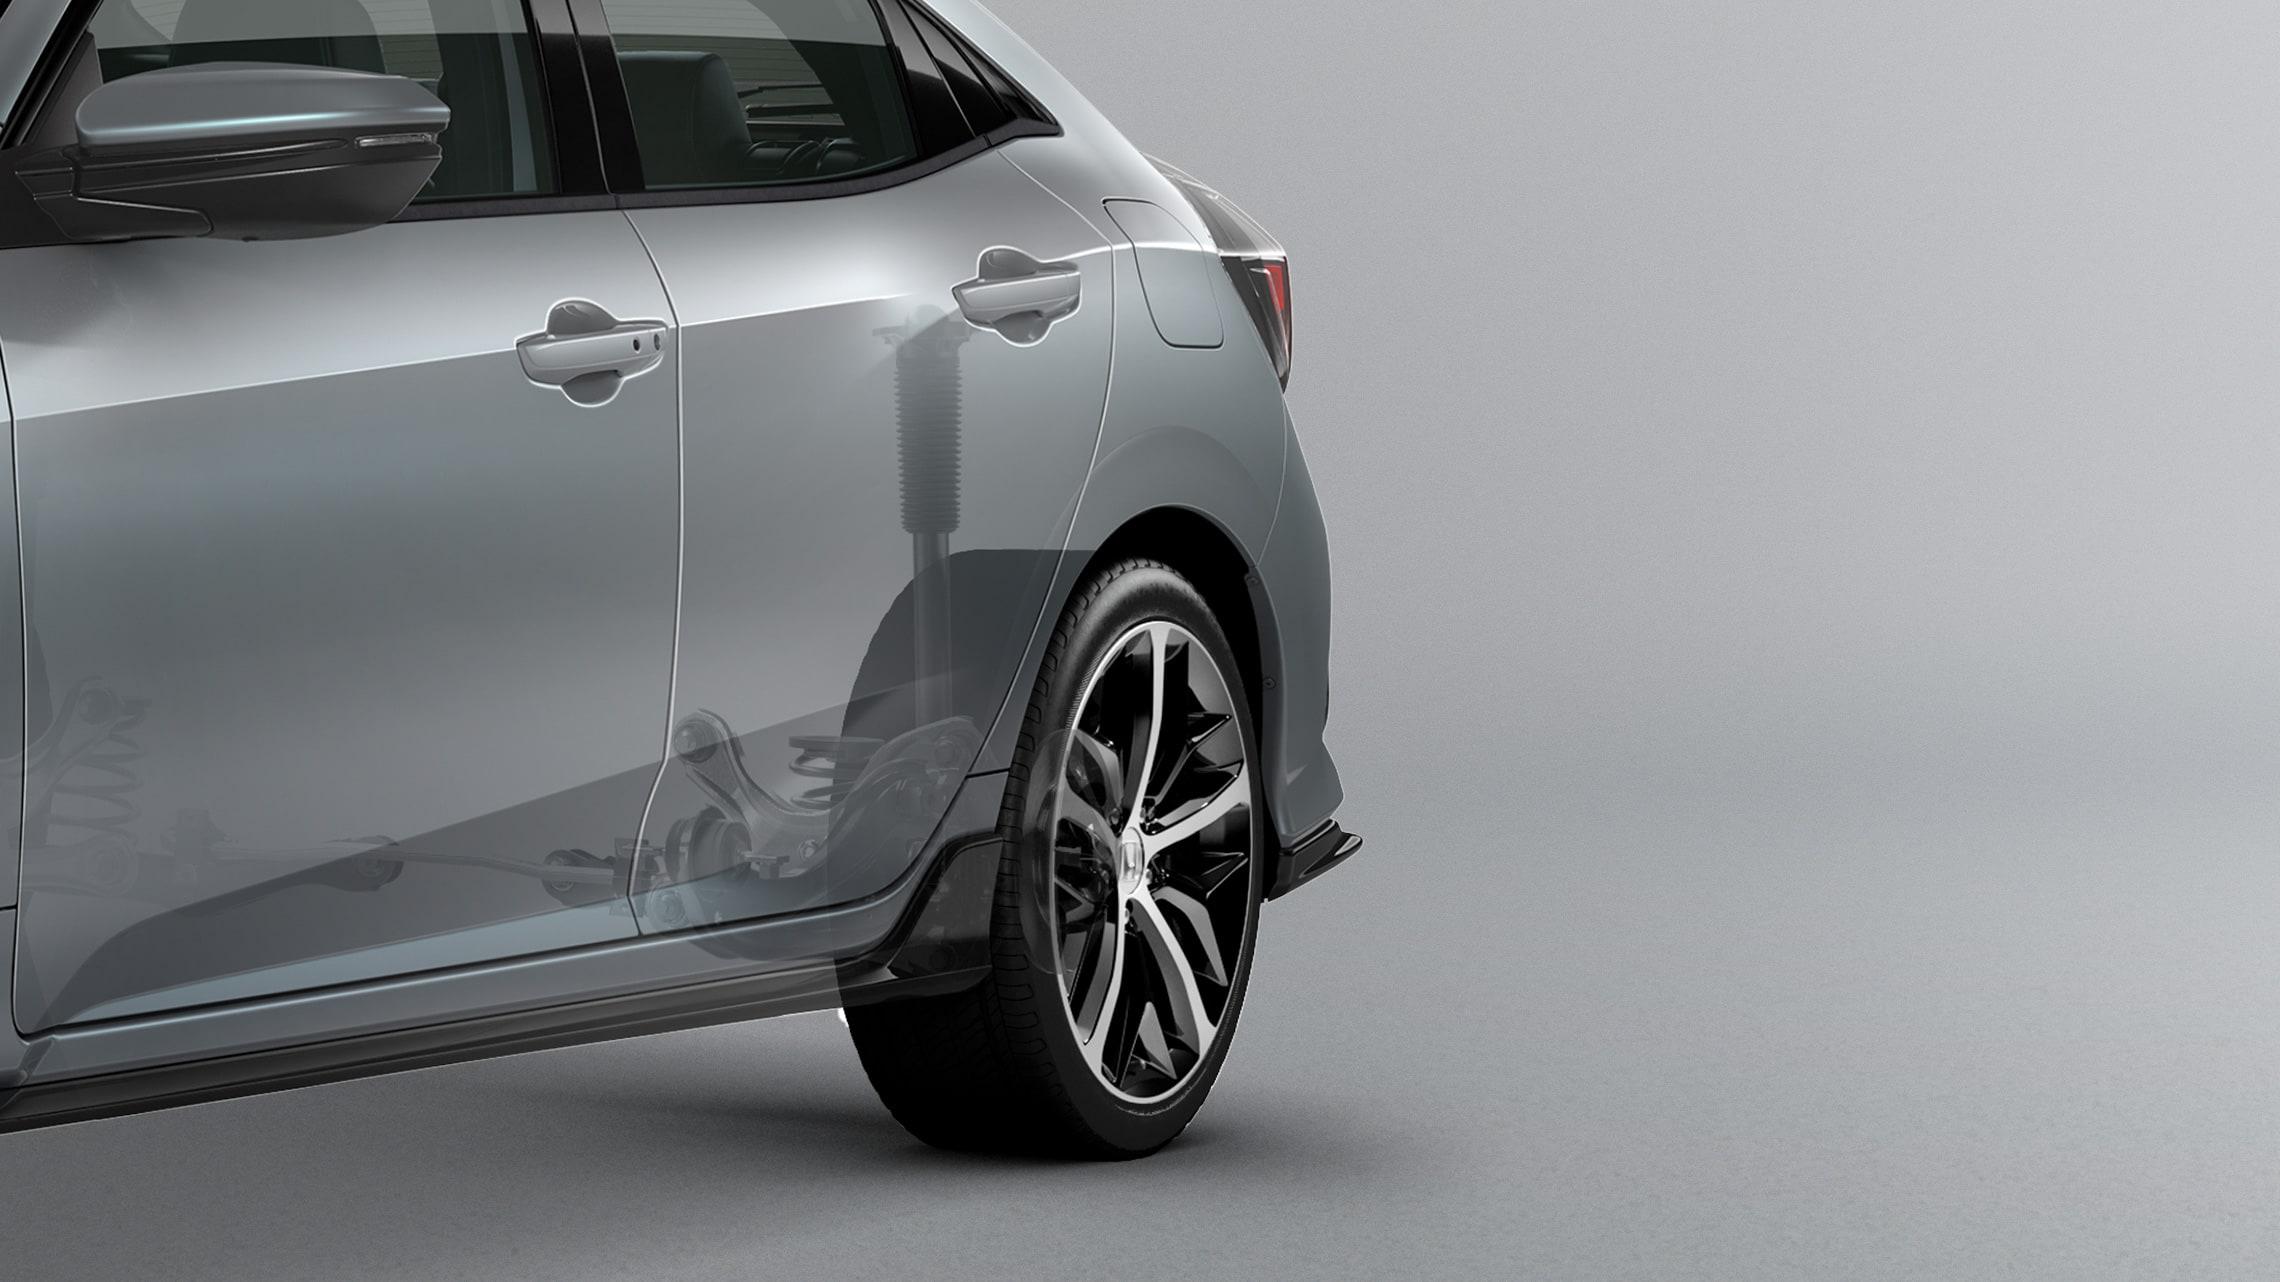 Ilustración seleccionada de la suspensión trasera independiente en el Honda Civic Sport Touring Hatchback2020 en Sonic Gray Pearl.